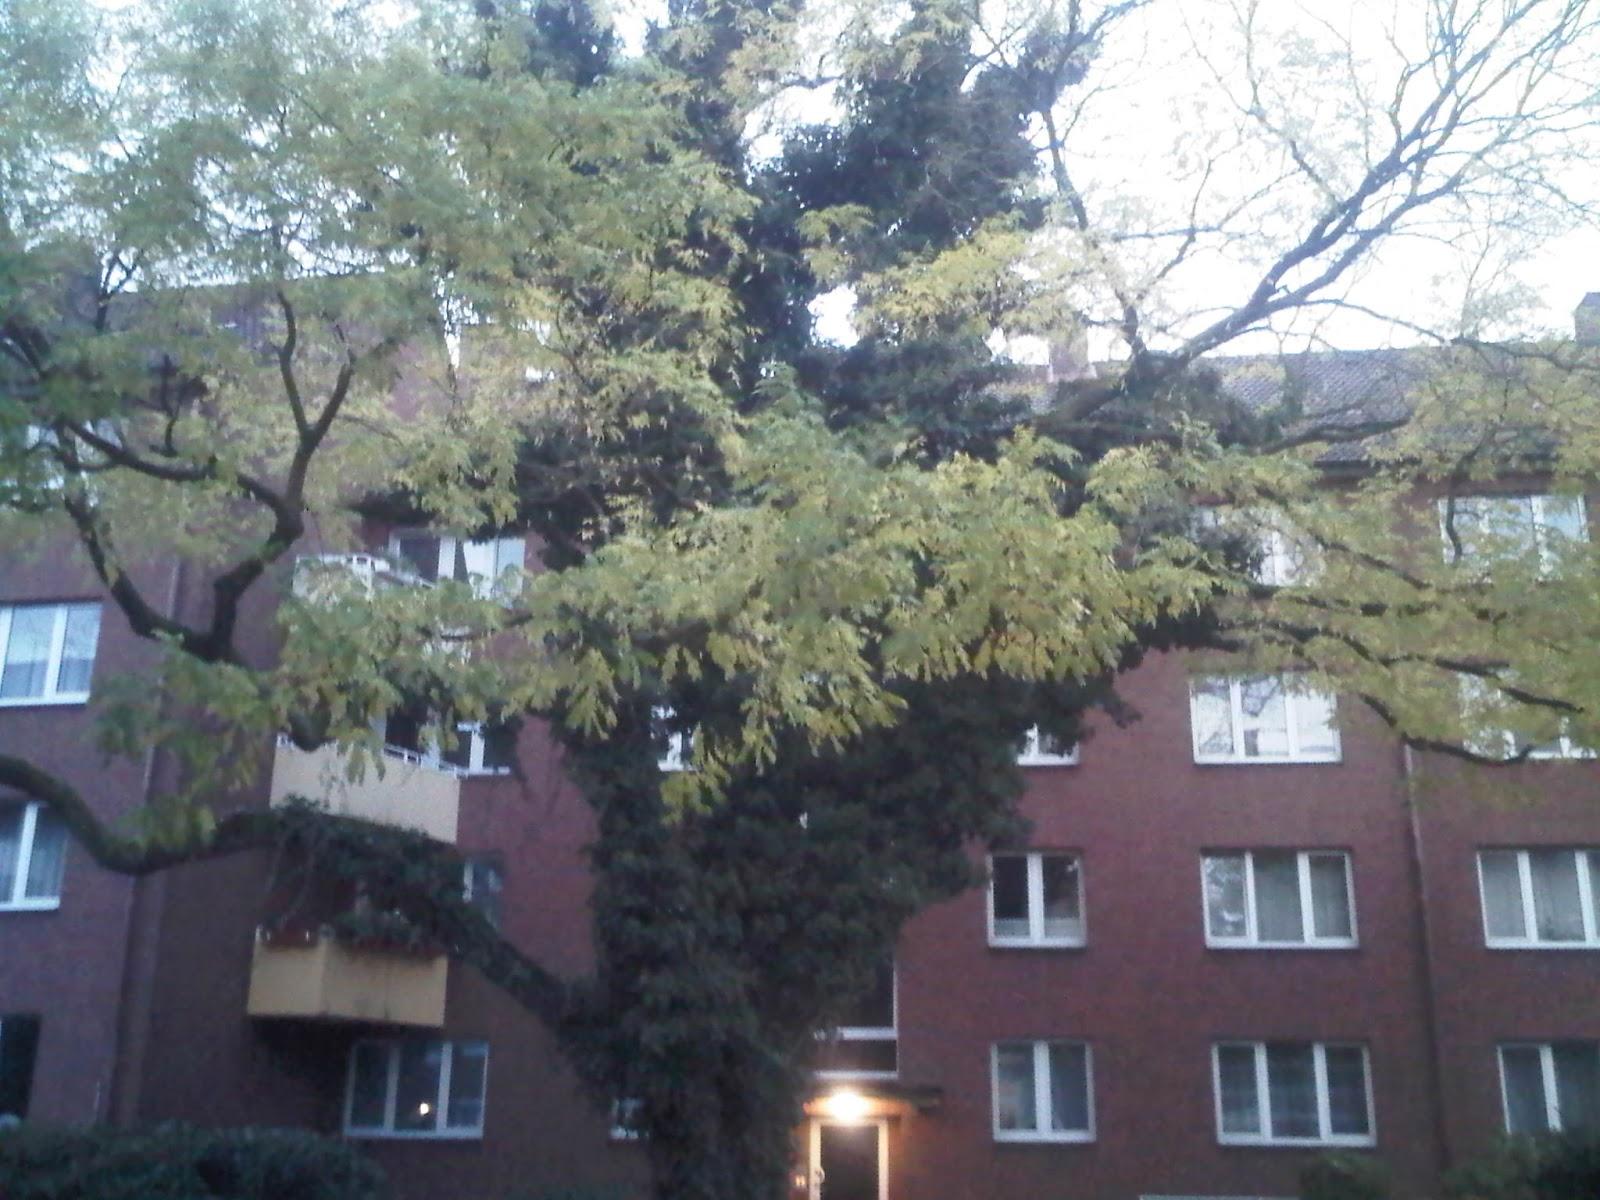 Schöner Baum im Wohngebiet - Klaus-Groth-Straße - Hamburg